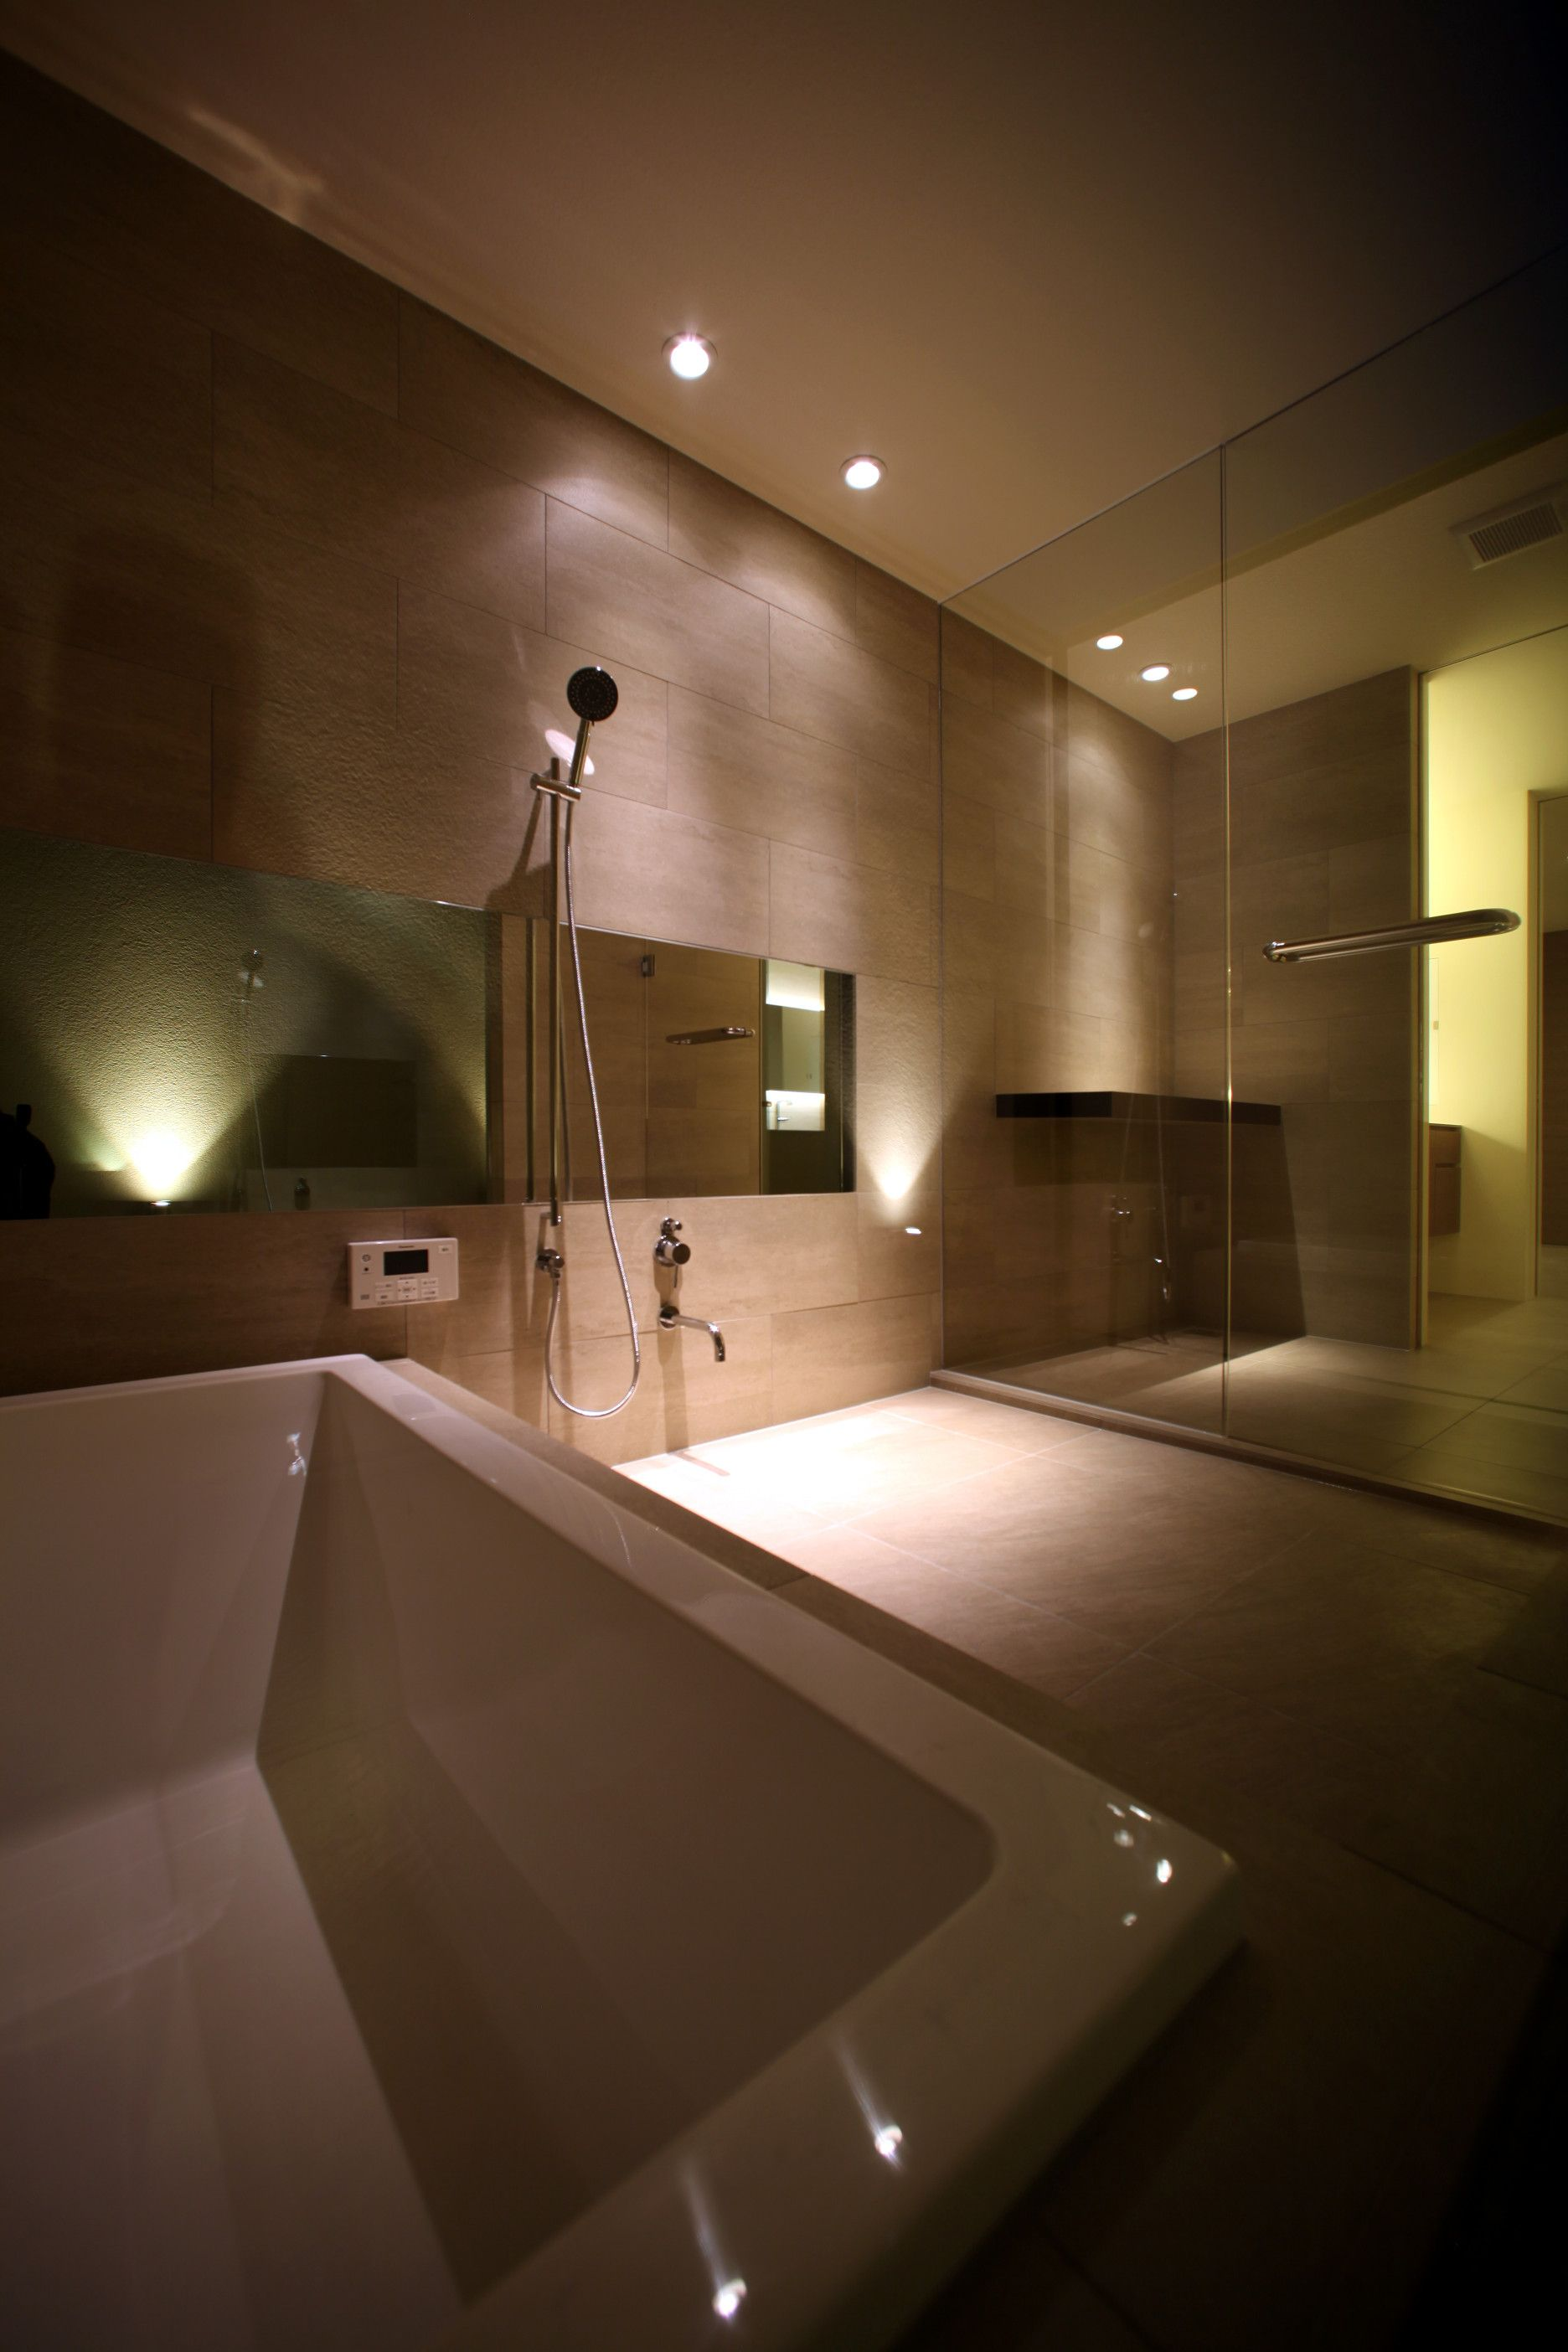 壁と床に同色のタイルを用いることで 落ち着いた空間にしています 浴室 タイル シャワー 脱衣 お風呂 鏡 照明 Bathroom Tile Shower Changingroom Mirror Lighting お風呂 家 シャワー